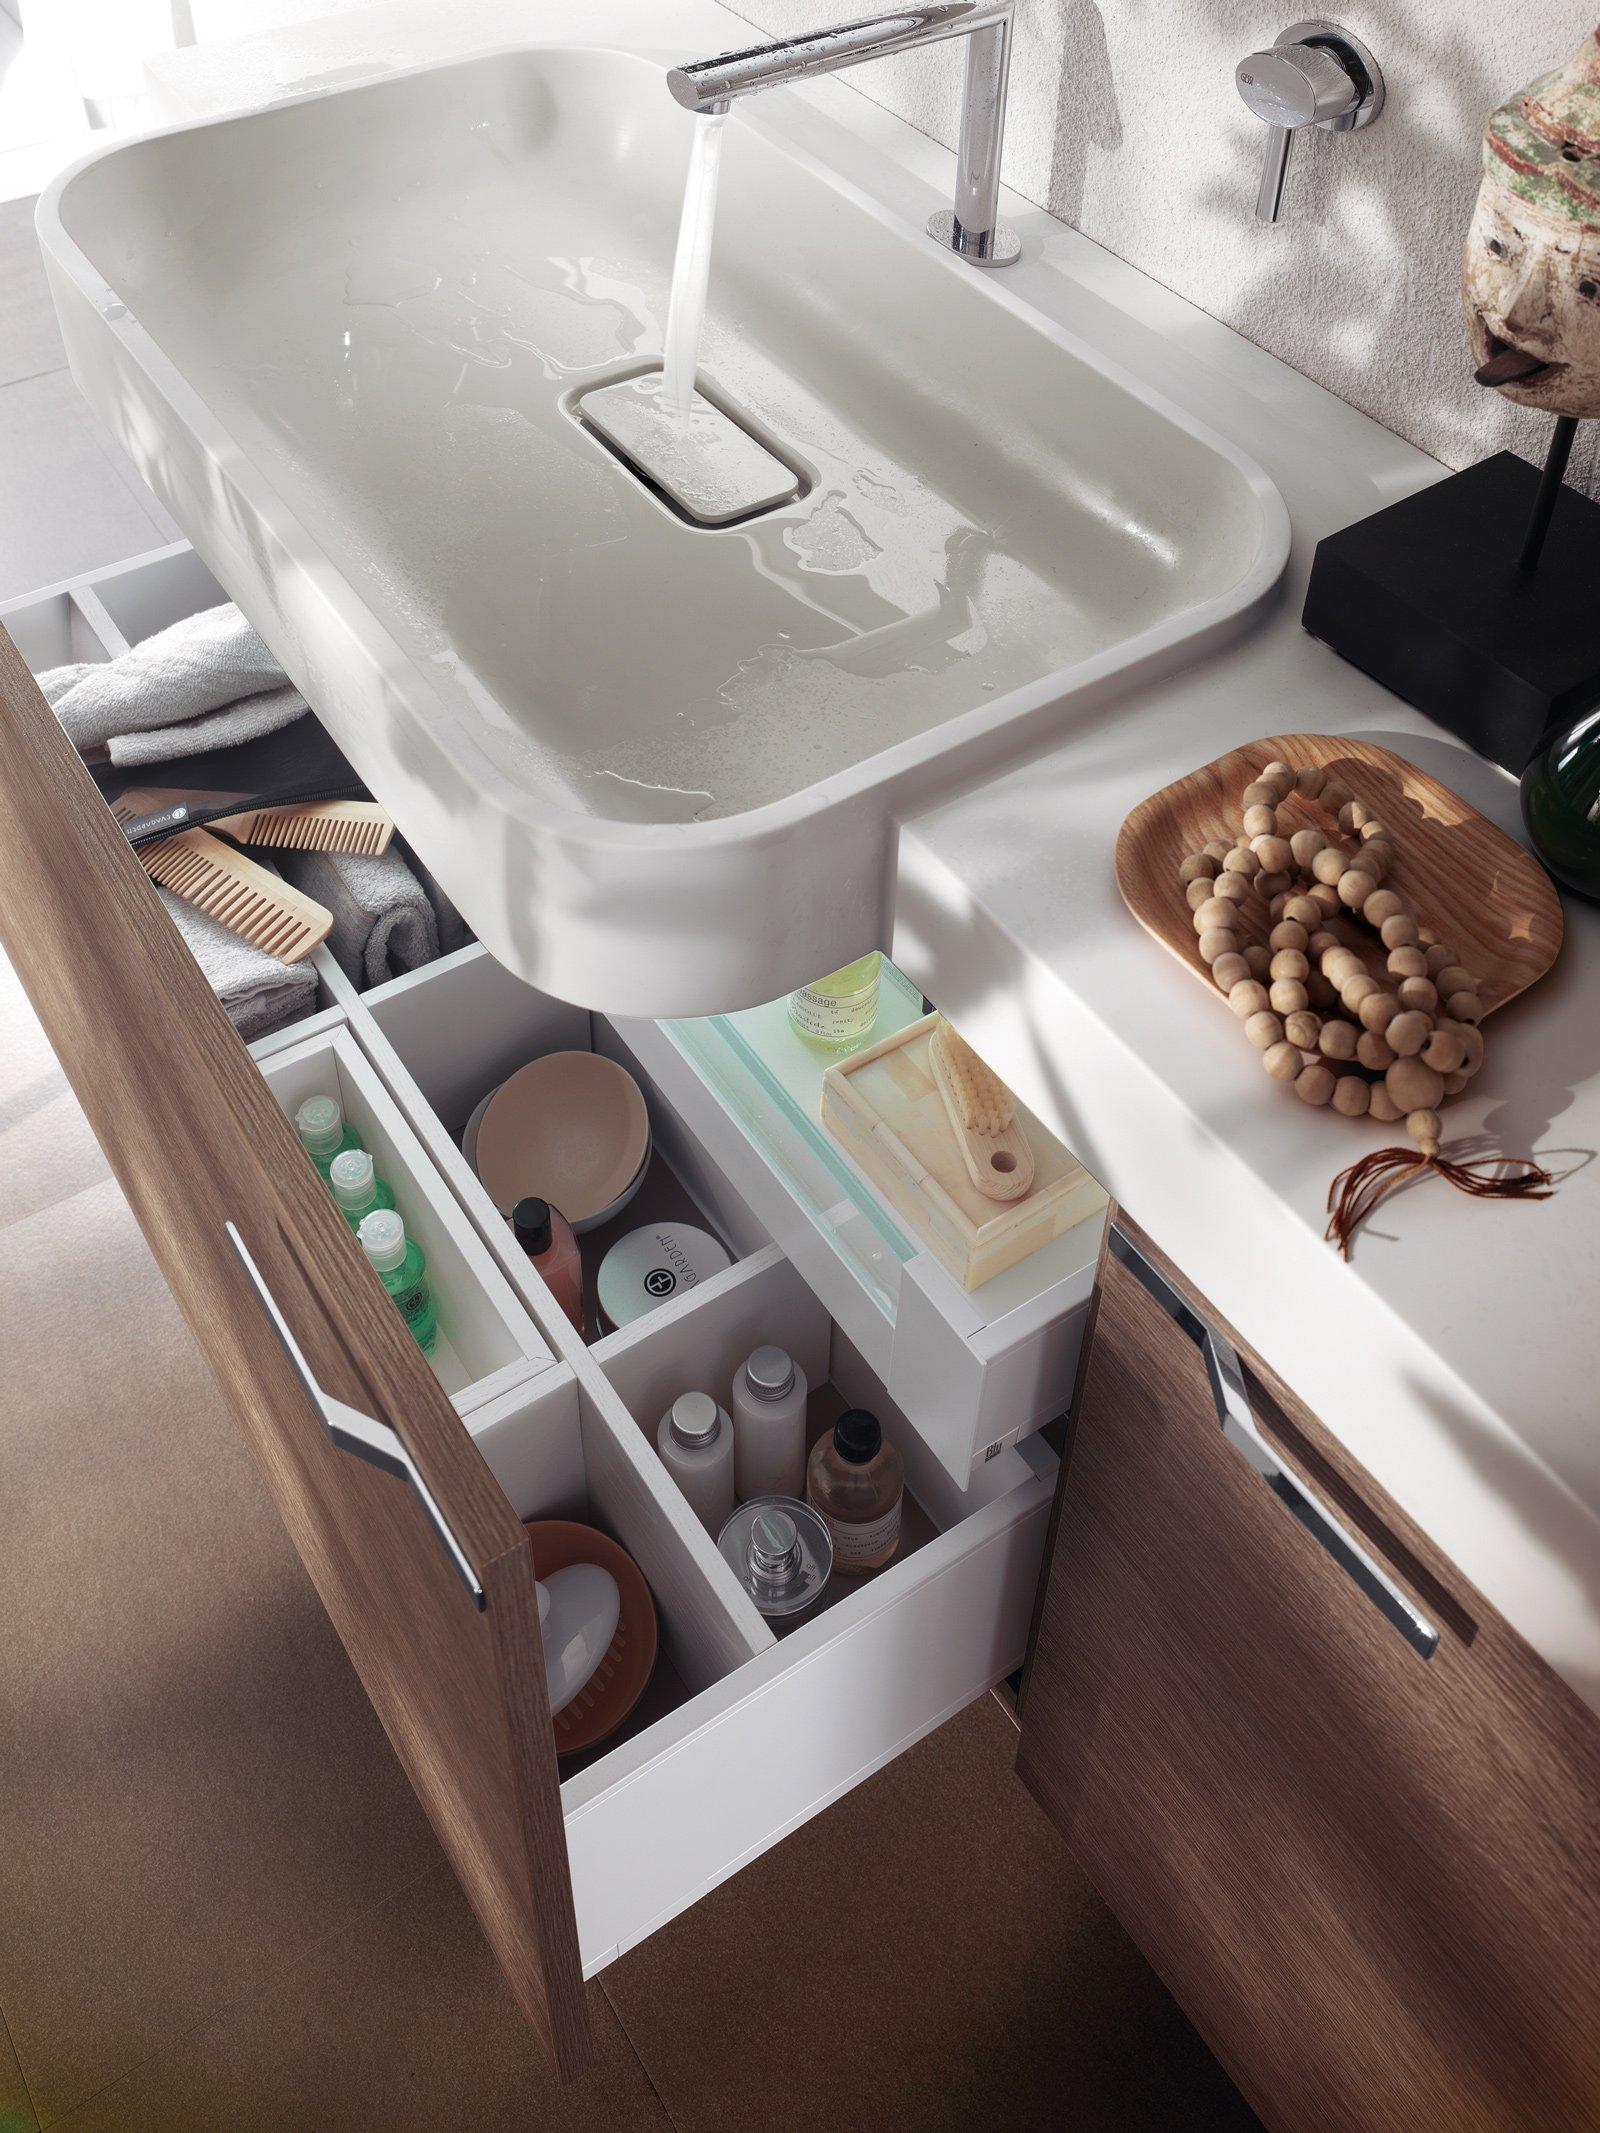 Mobili bagno con cassetti tutto in ordine sotto il lavabo for Maniglie mobili bagno